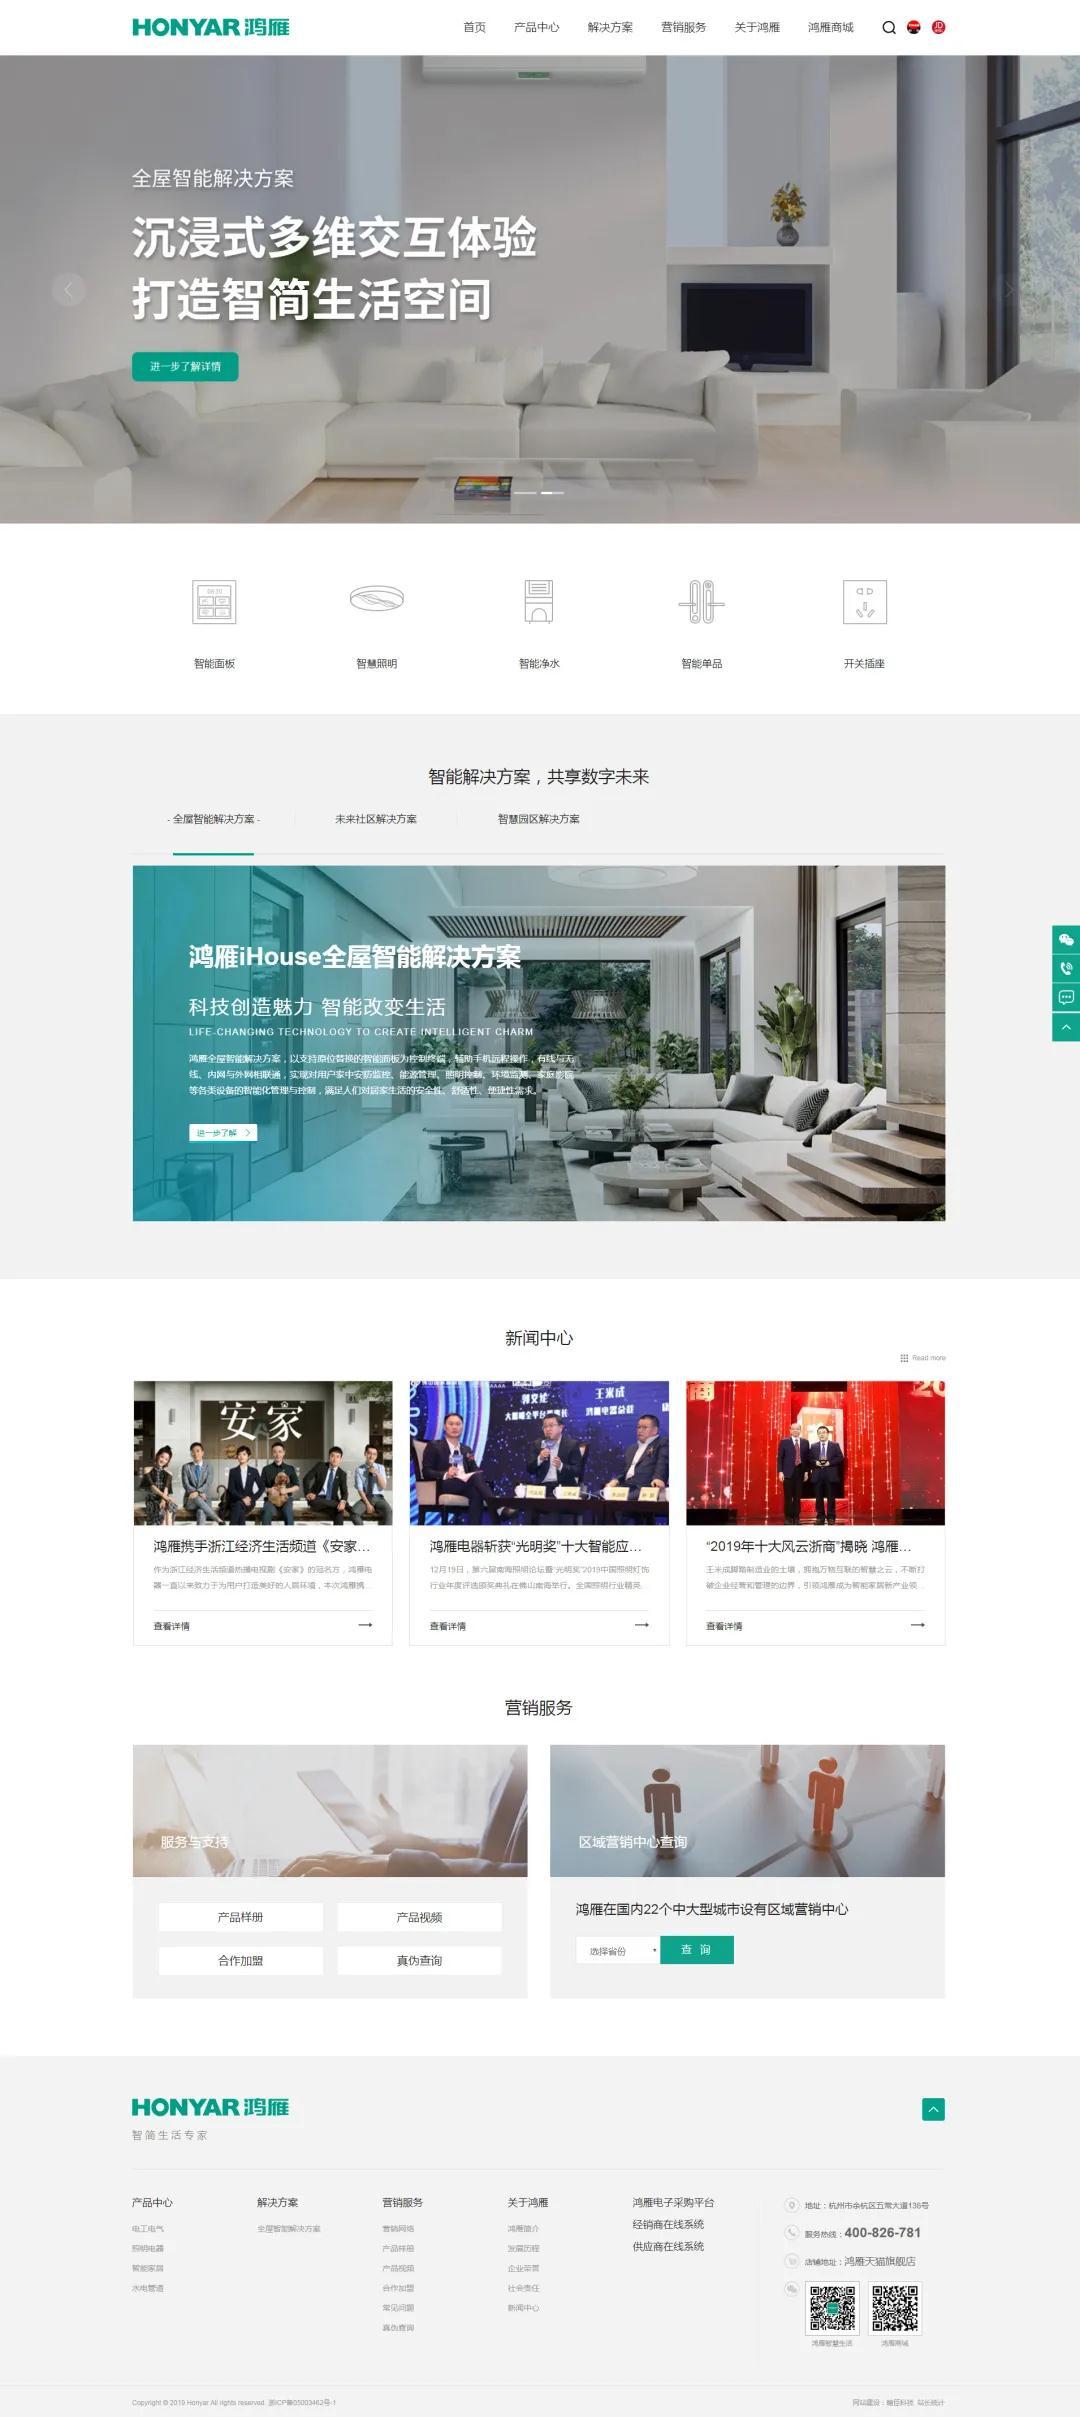 鸿雁新版官网正式上线,四大升级带来全新体验!